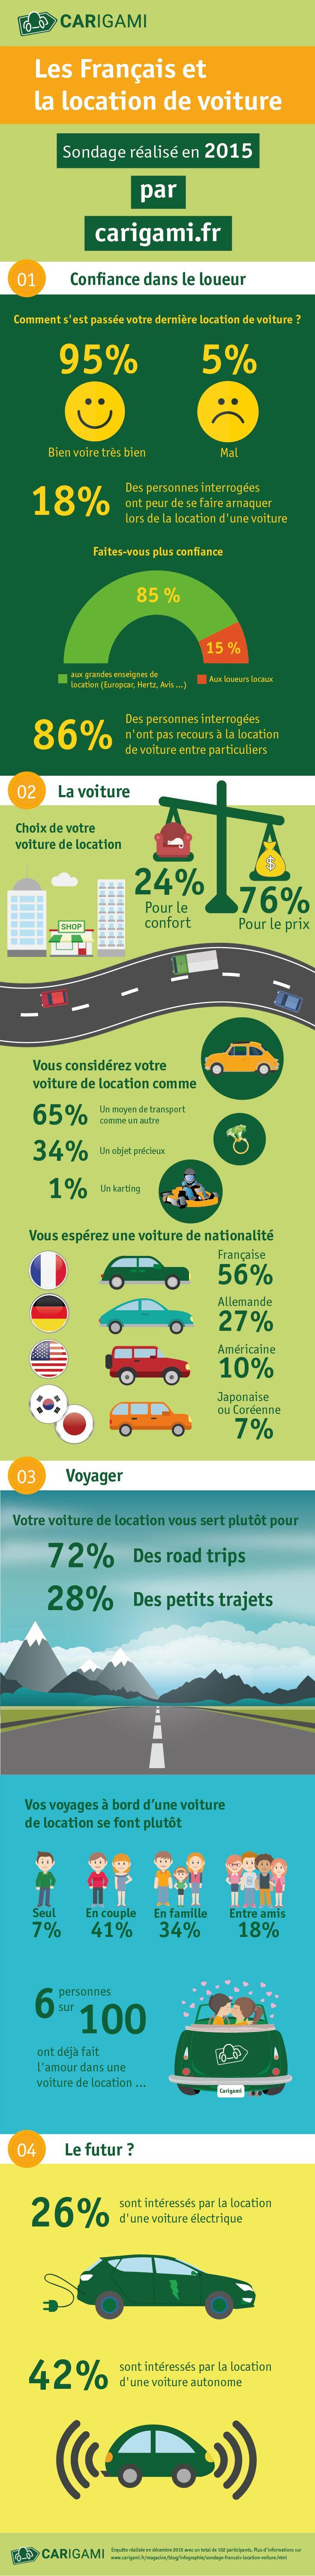 Les Français et la location de voiture : notre sondage exclusif - Carigami